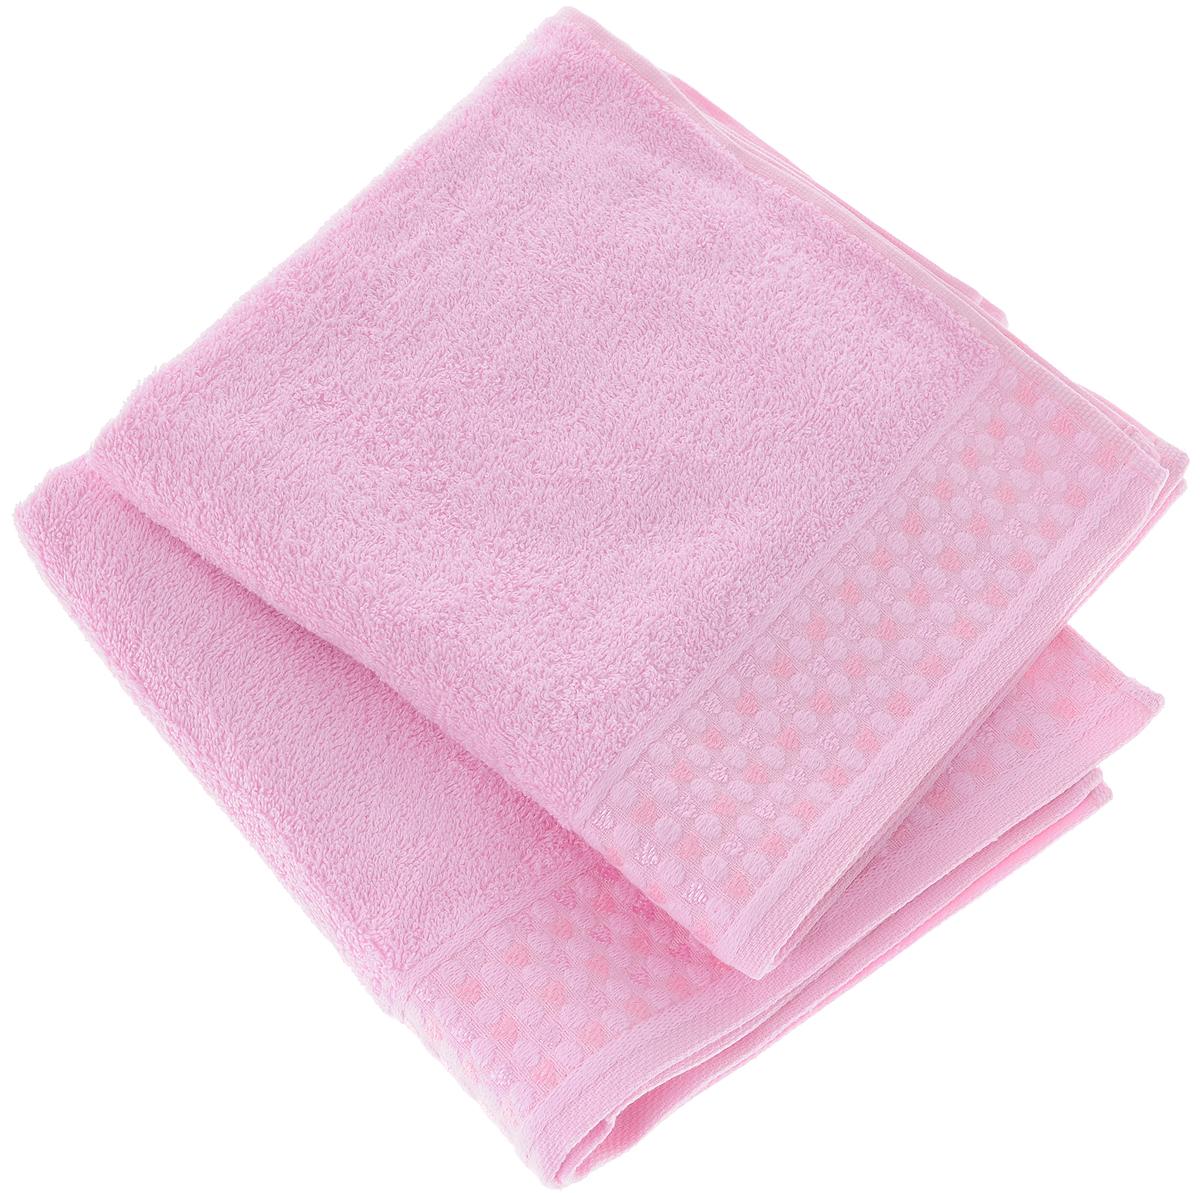 Набор полотенец Tete-a-Tete Сердечки, цвет: розовый, 2 шт. УНП-104-04к68/5/2Набор Tete-a-Tete Сердечки состоит из двух махровых полотенец, выполненных из натурального 100% хлопка. Бордюр полотенец декорирован рисунком сердечек. Изделия мягкие, отлично впитывают влагу, быстро сохнут, сохраняют яркость цвета и не теряют форму даже после многократных стирок. Полотенца Tete-a-Tete Сердечки очень практичны и неприхотливы в уходе. Они легко впишутся в любой интерьер благодаря своей нежной цветовой гамме. Набор упакован в красивую коробку и может послужить отличной идеей подарка.Размеры полотенец: 70 х 140 см, 50 х 90 см.